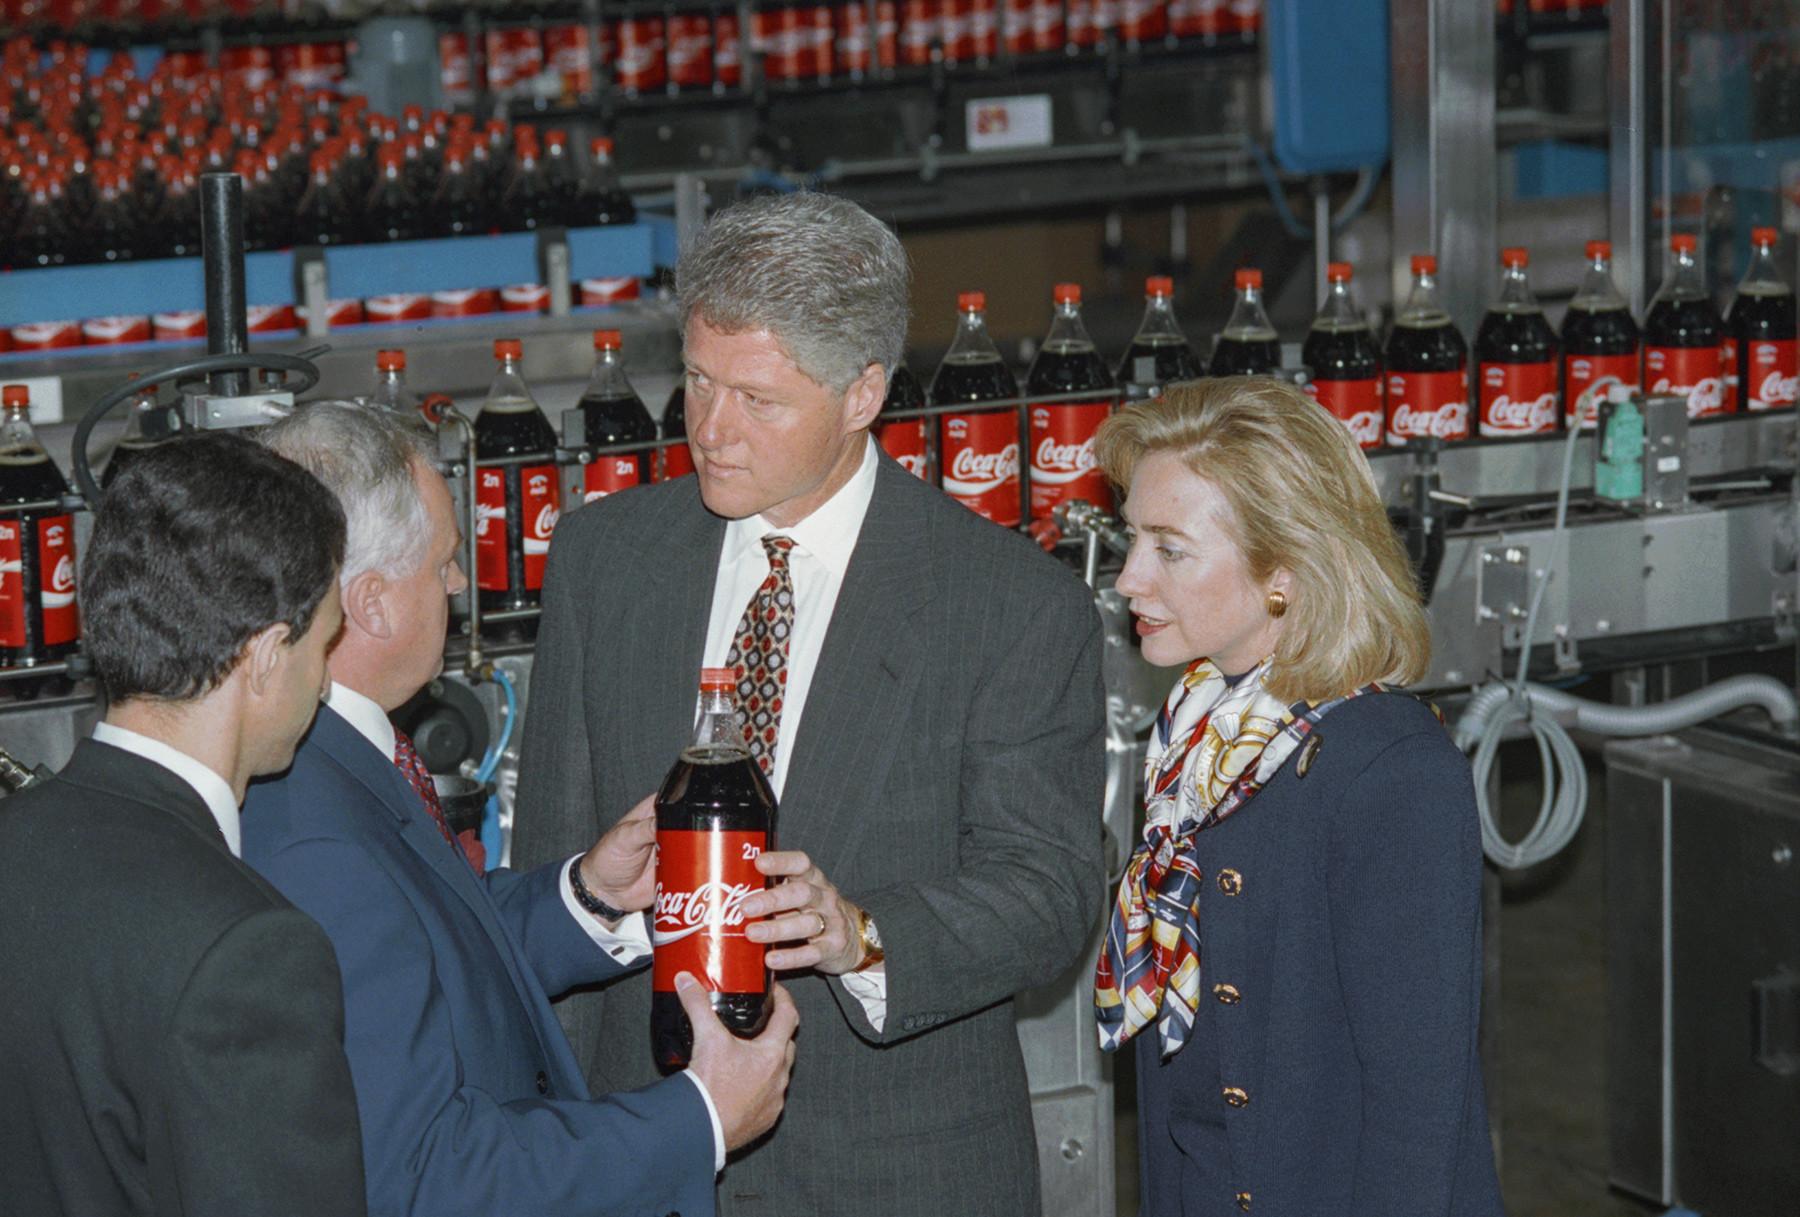 モスクワのソンツェヴォのコカ・コーラ工場を訪れたビル・クリントン大統領と妻のヒラリー・クリントン。1995年5月11日。